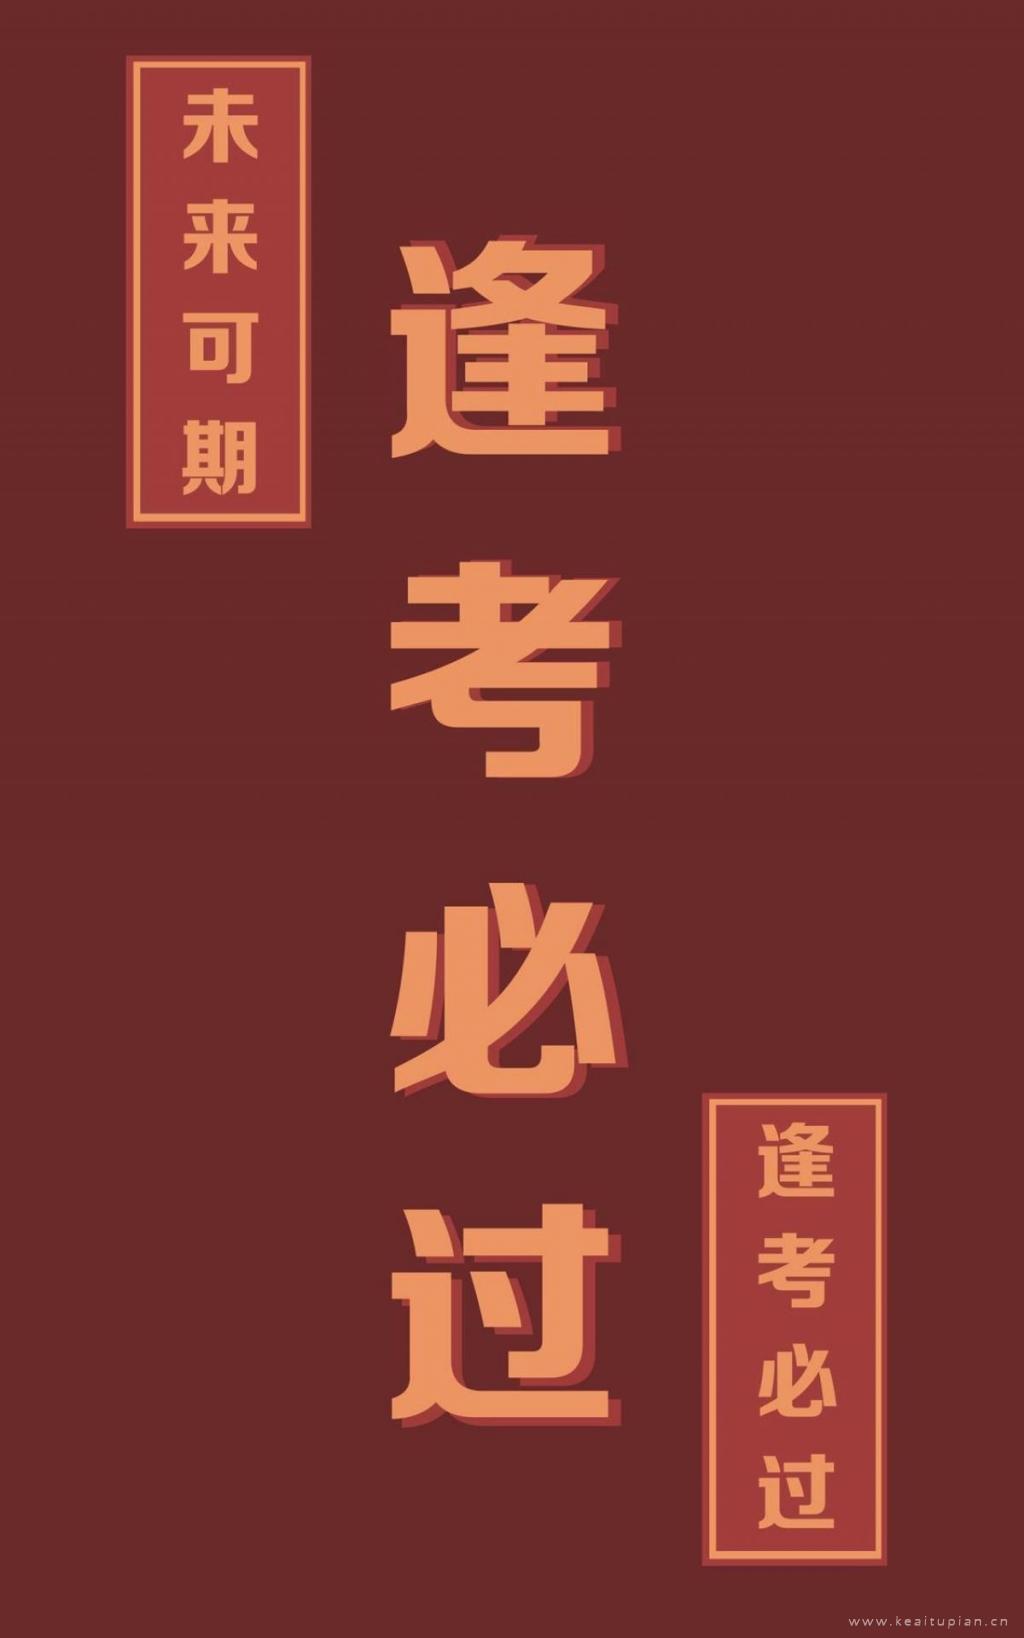 未来可期,逢考必过!纯文字简约红色背景手机壁纸图片